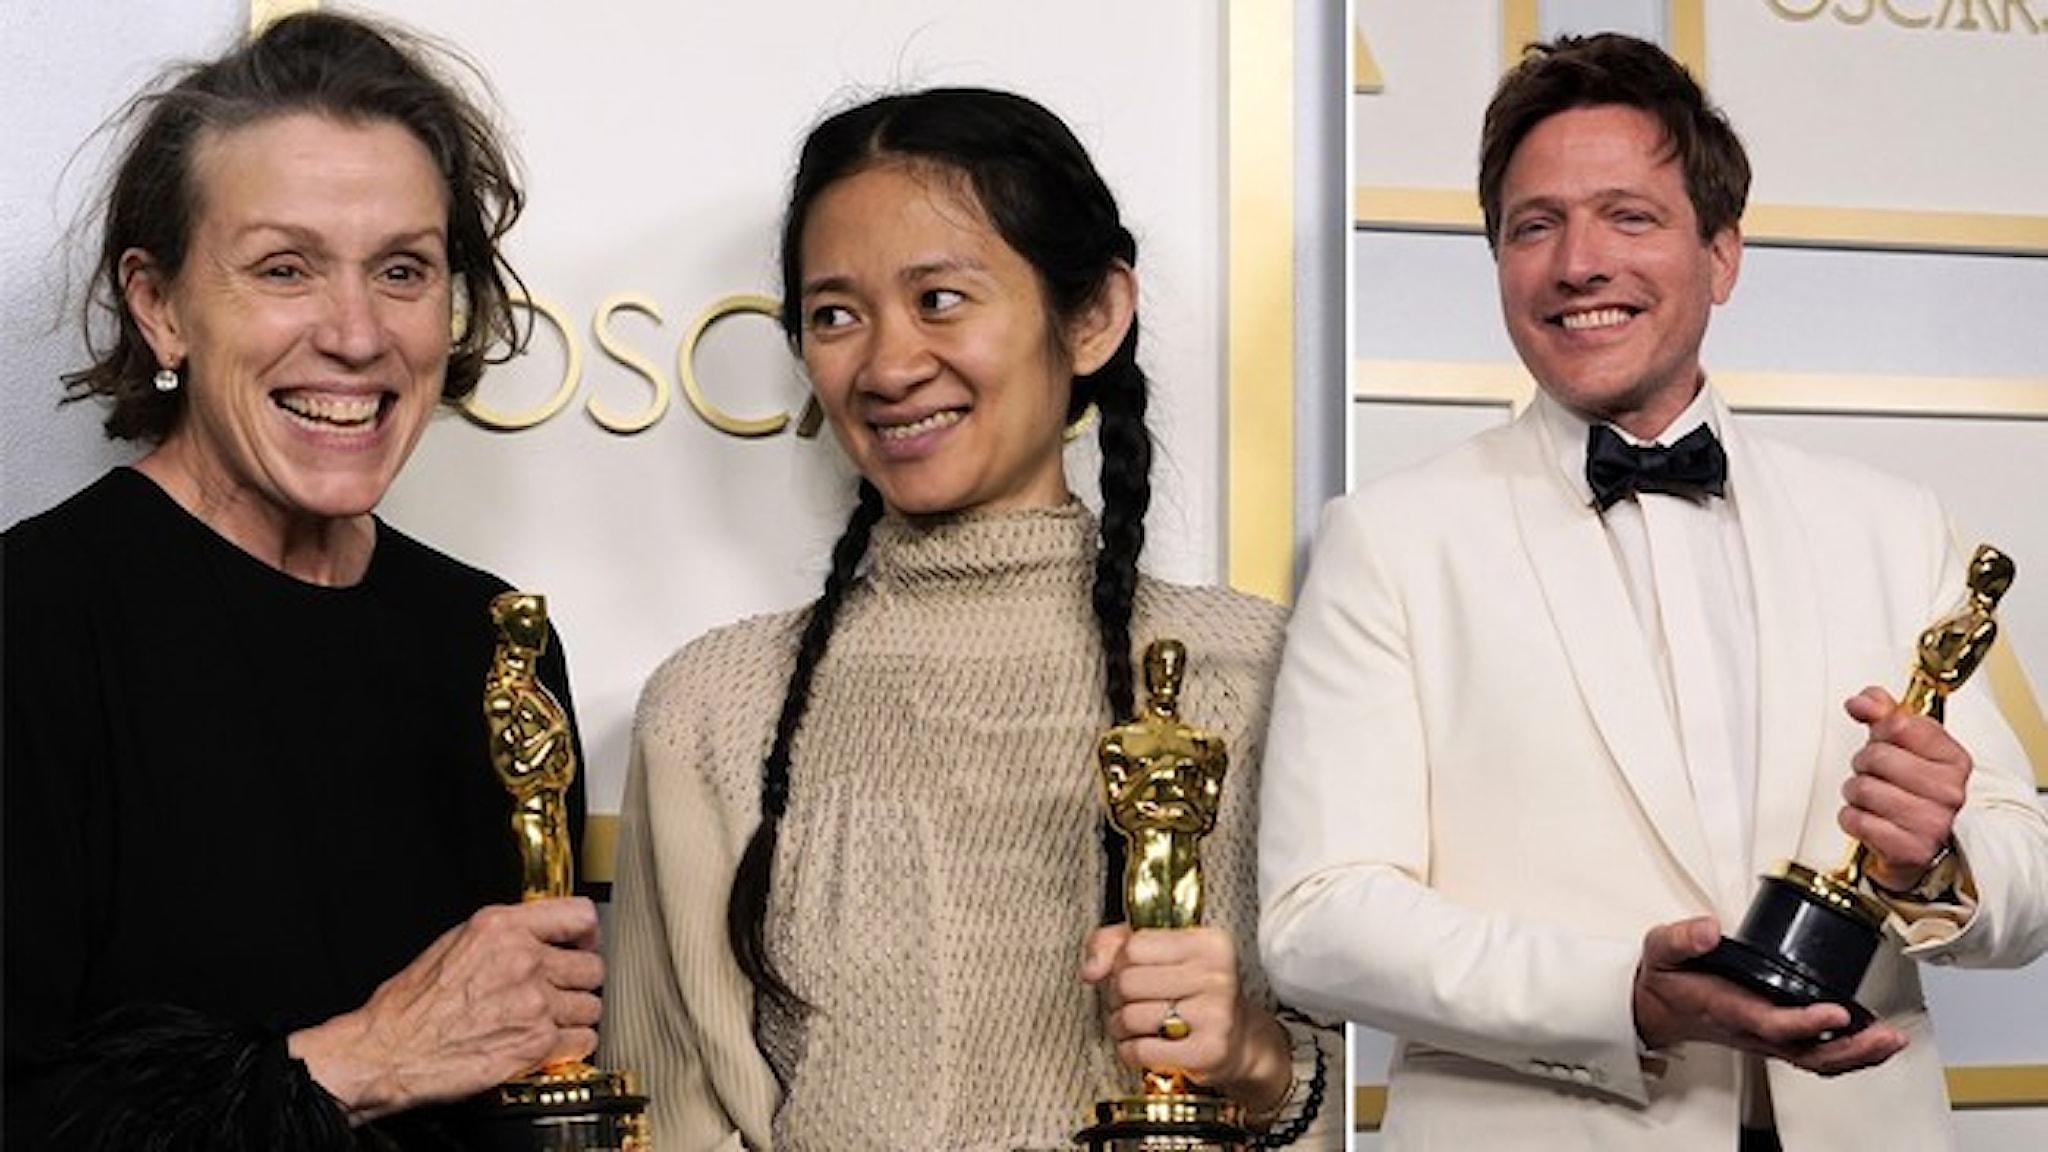 """Tre personer som ser glada ut med sina Oscarsstatyetter: Frances McDormand och Chloe Zhao fick Oscars för """"Nomadland"""" och Thomas Vinterberg för sin """"En runda till""""."""